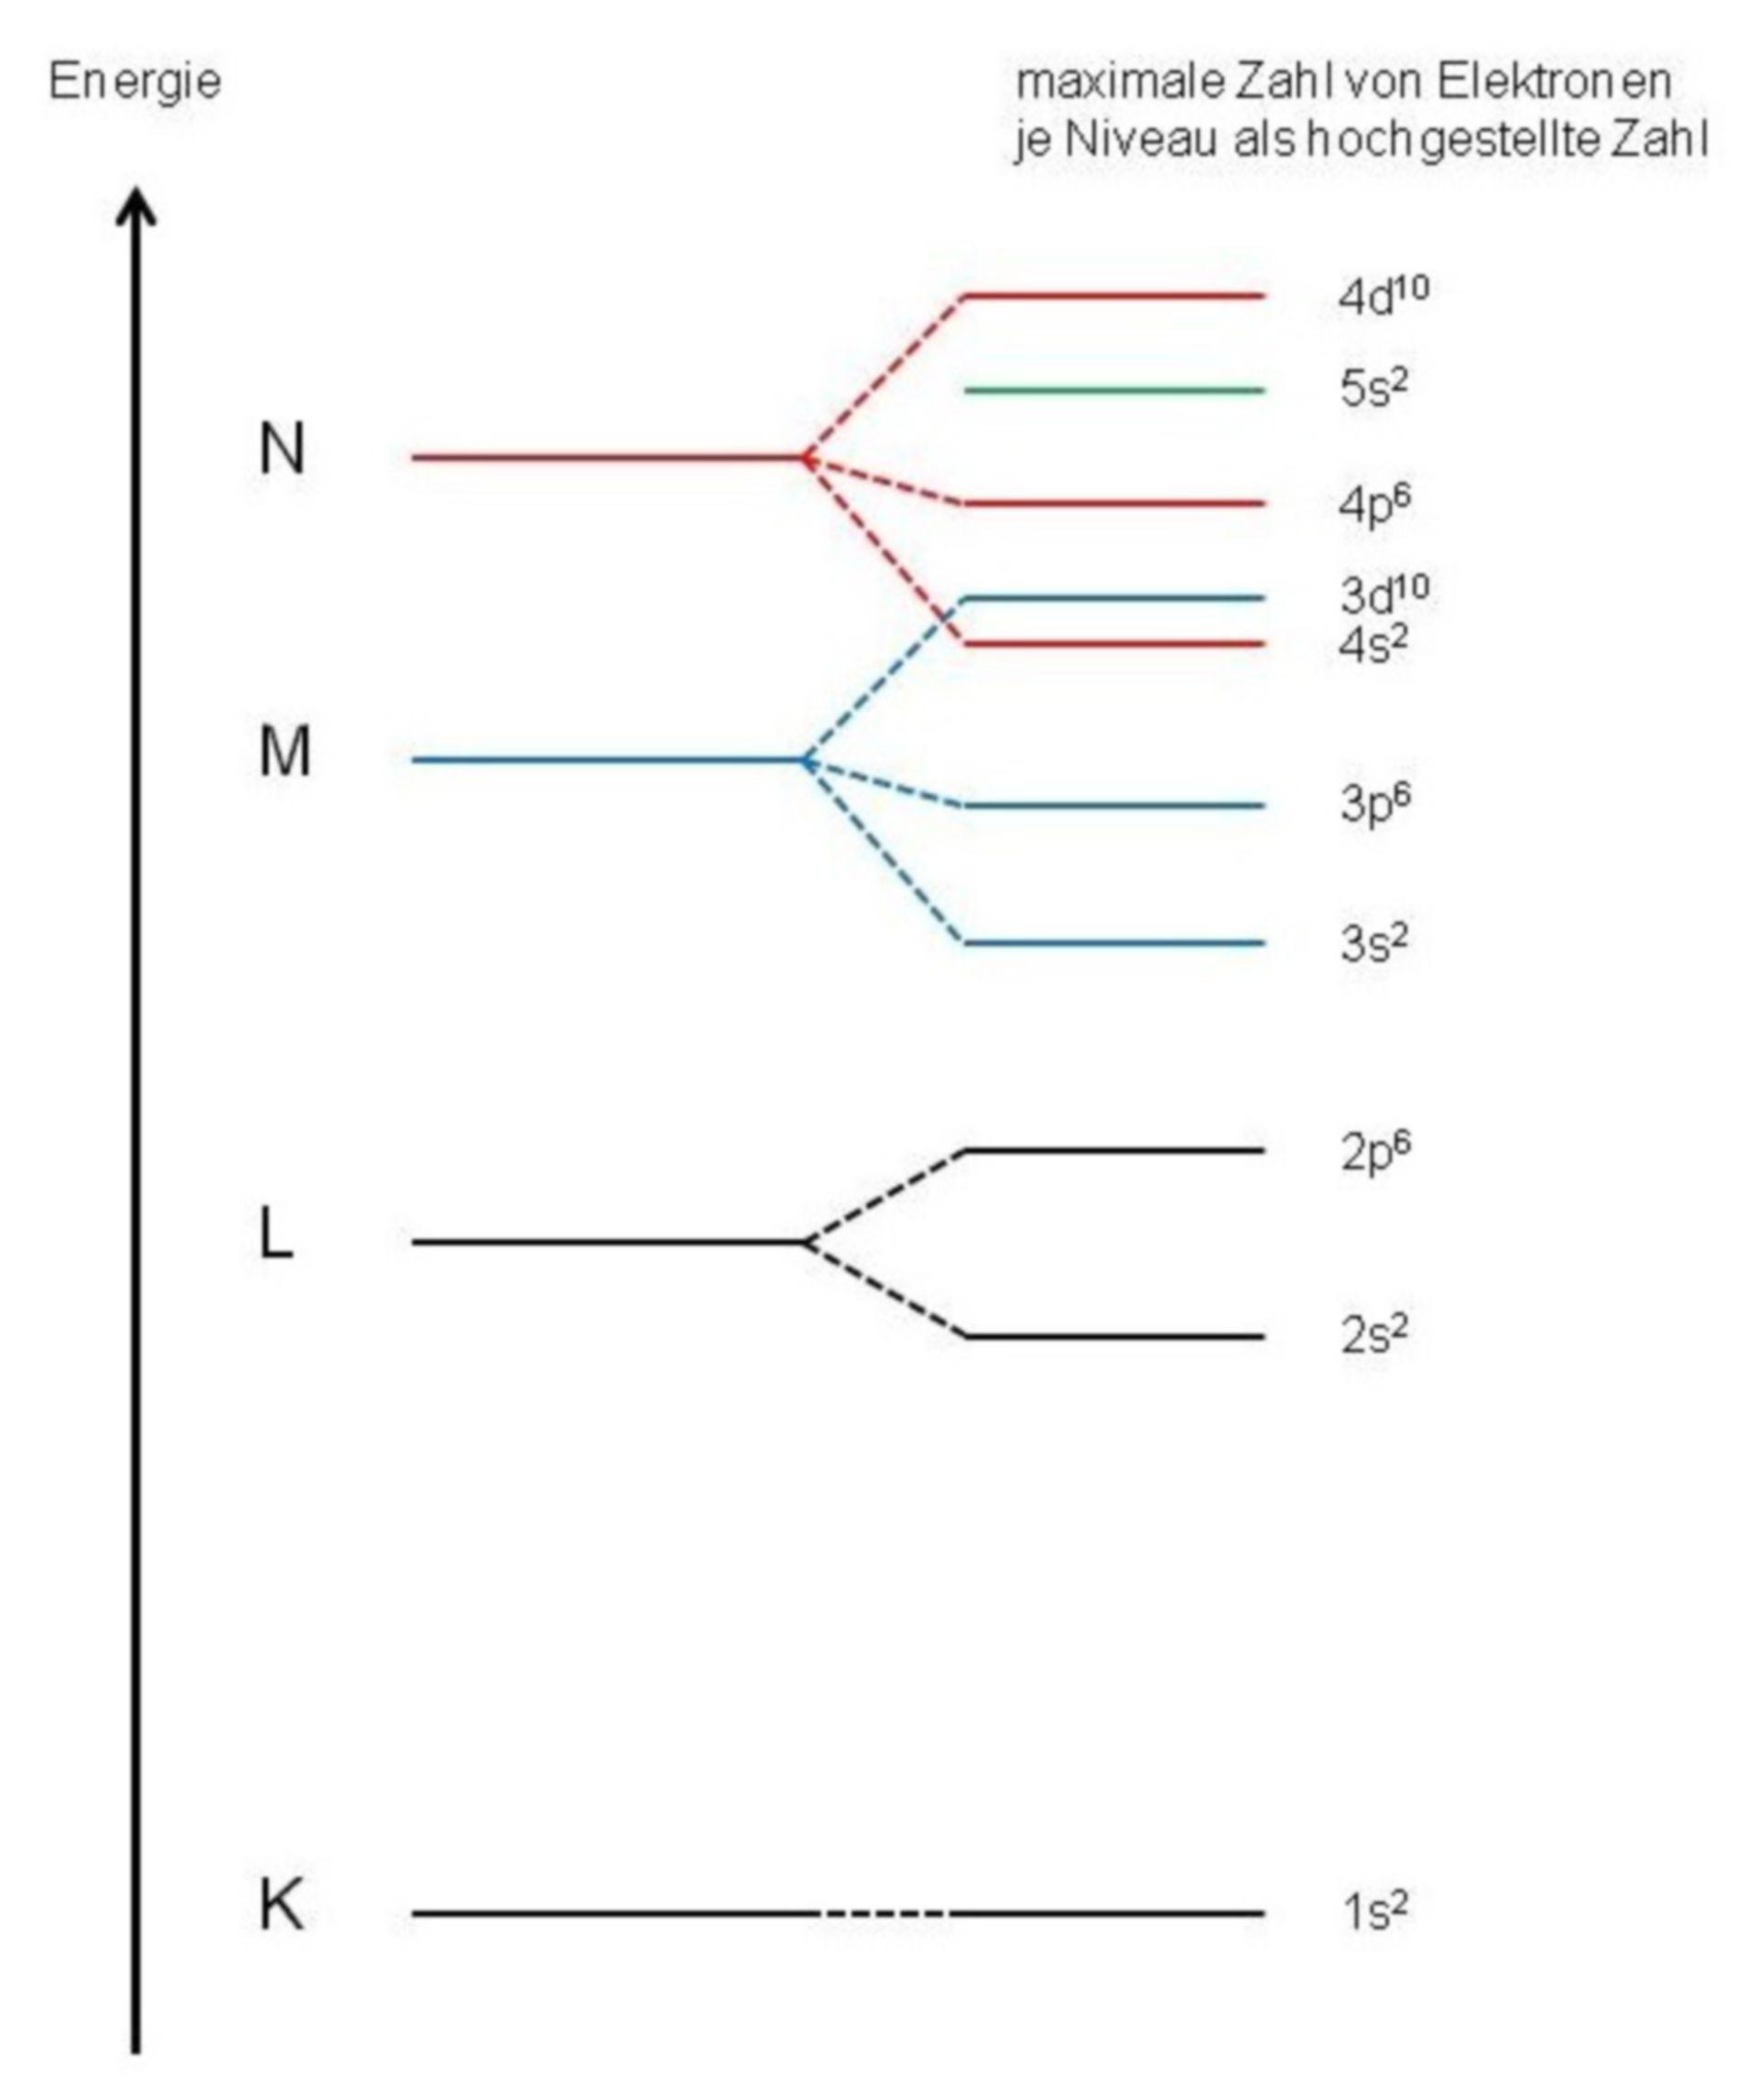 Energieniveauschema der Elektronenhülle